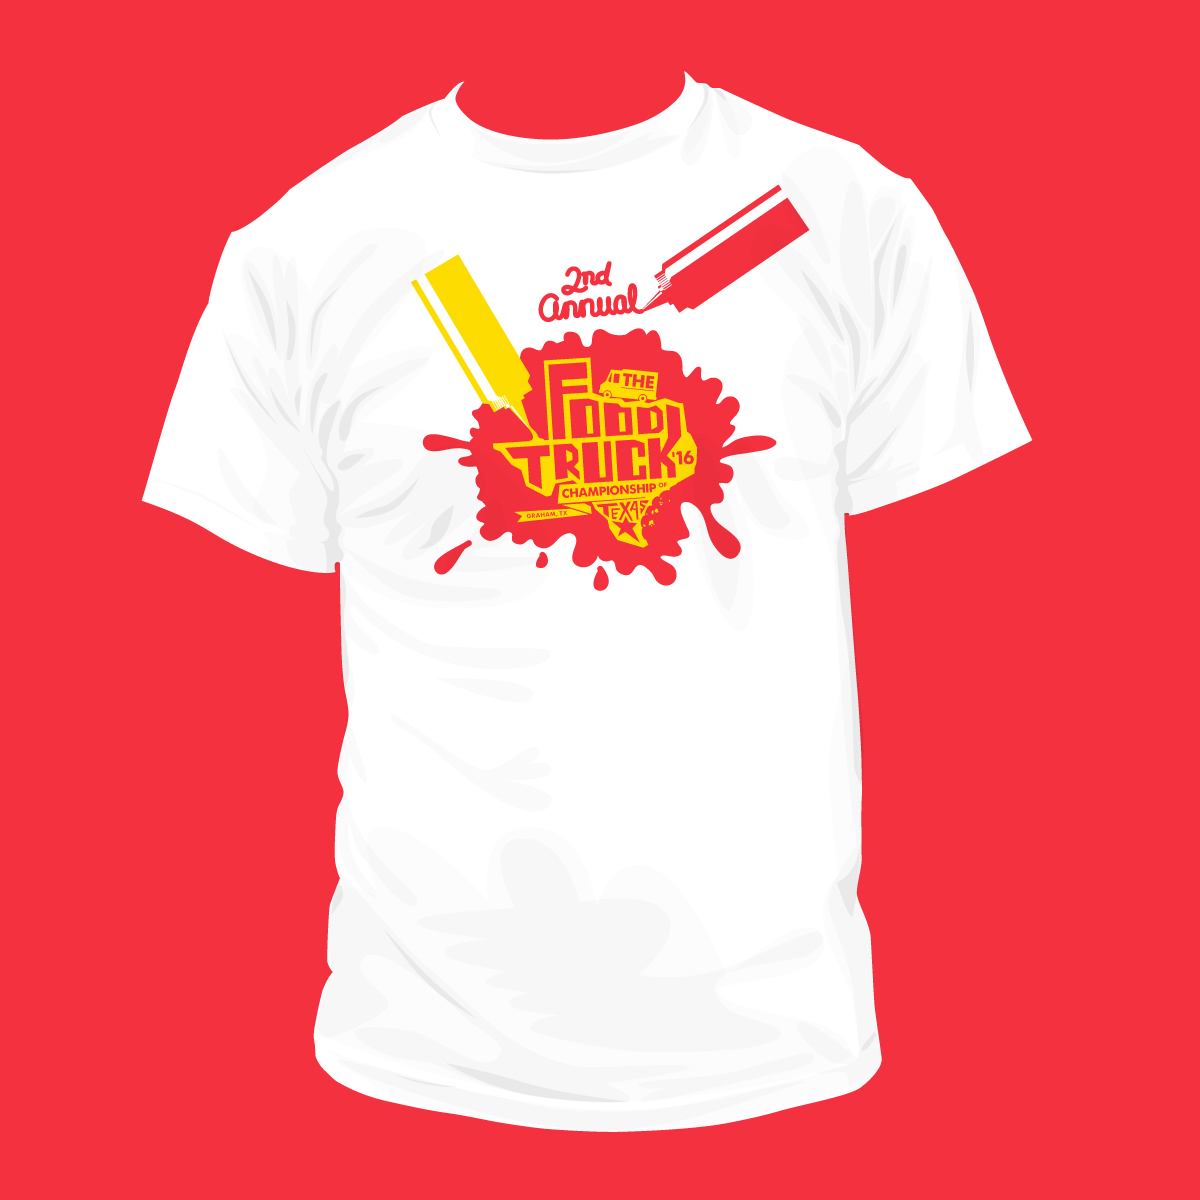 Food Truck shirt